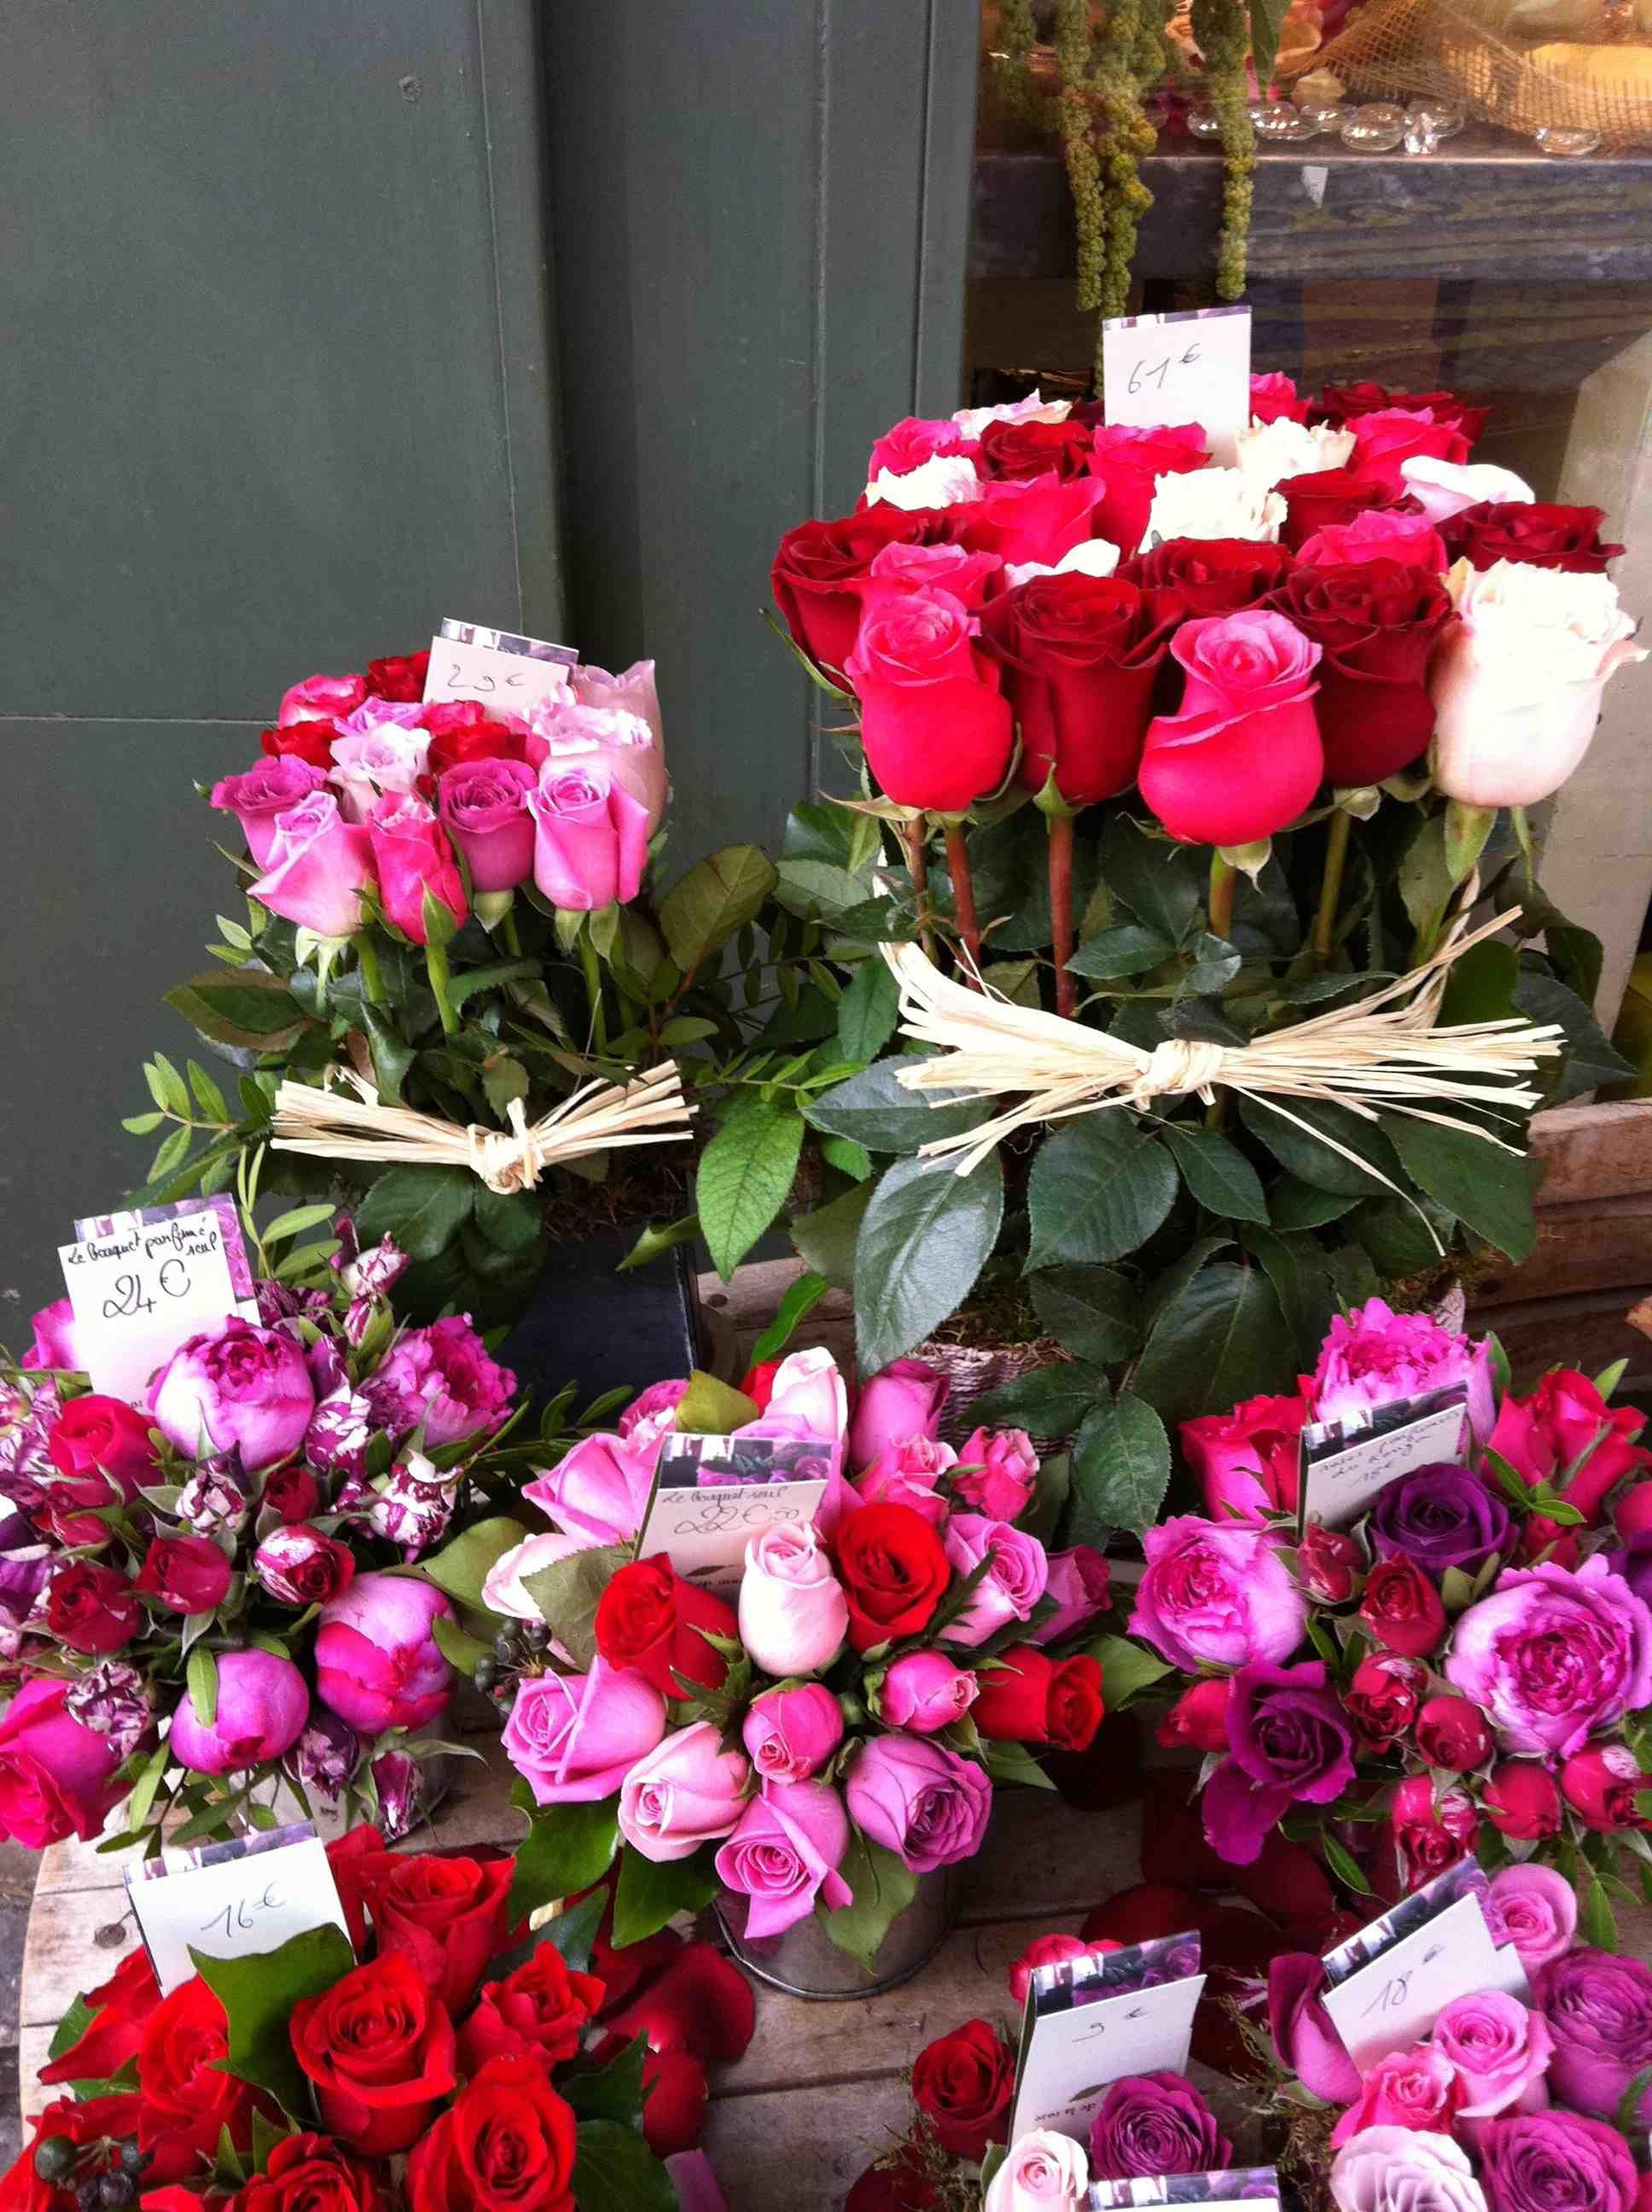 Detroit Florist | Detroit MI Flower Shop | RED ROSE FLORIST